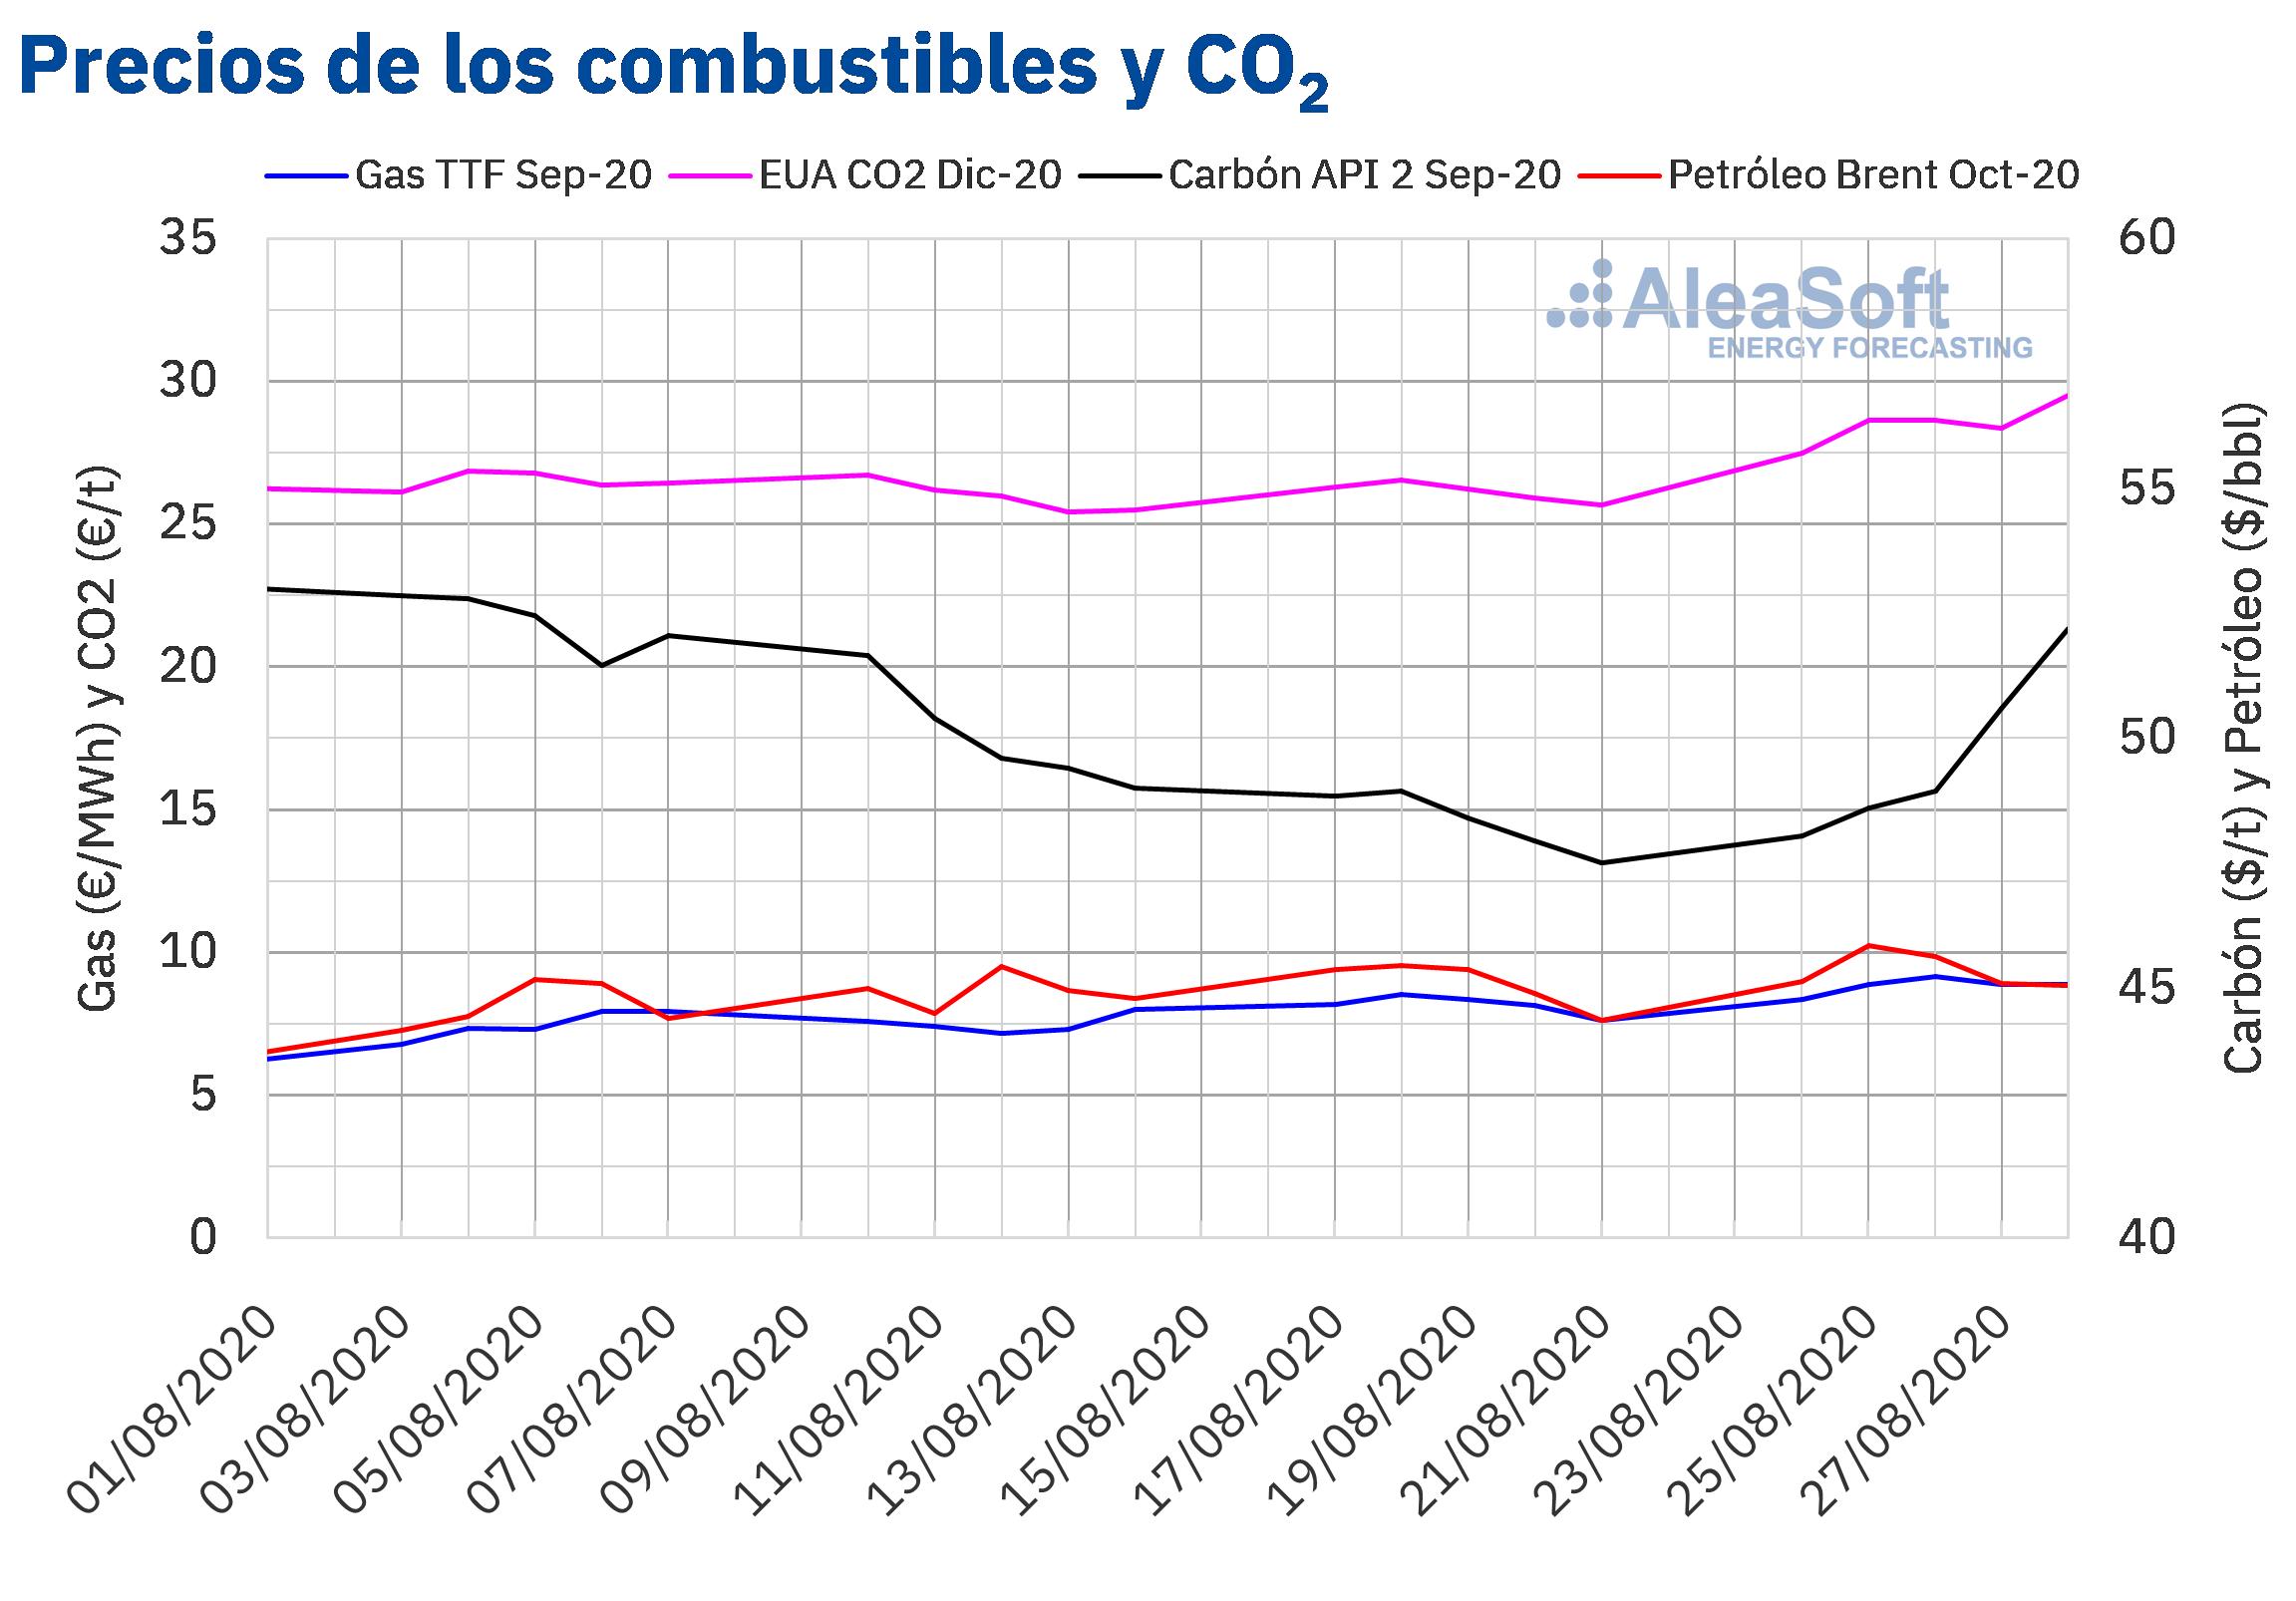 AleaSoft - Precios de gas carbón Brent y CO2